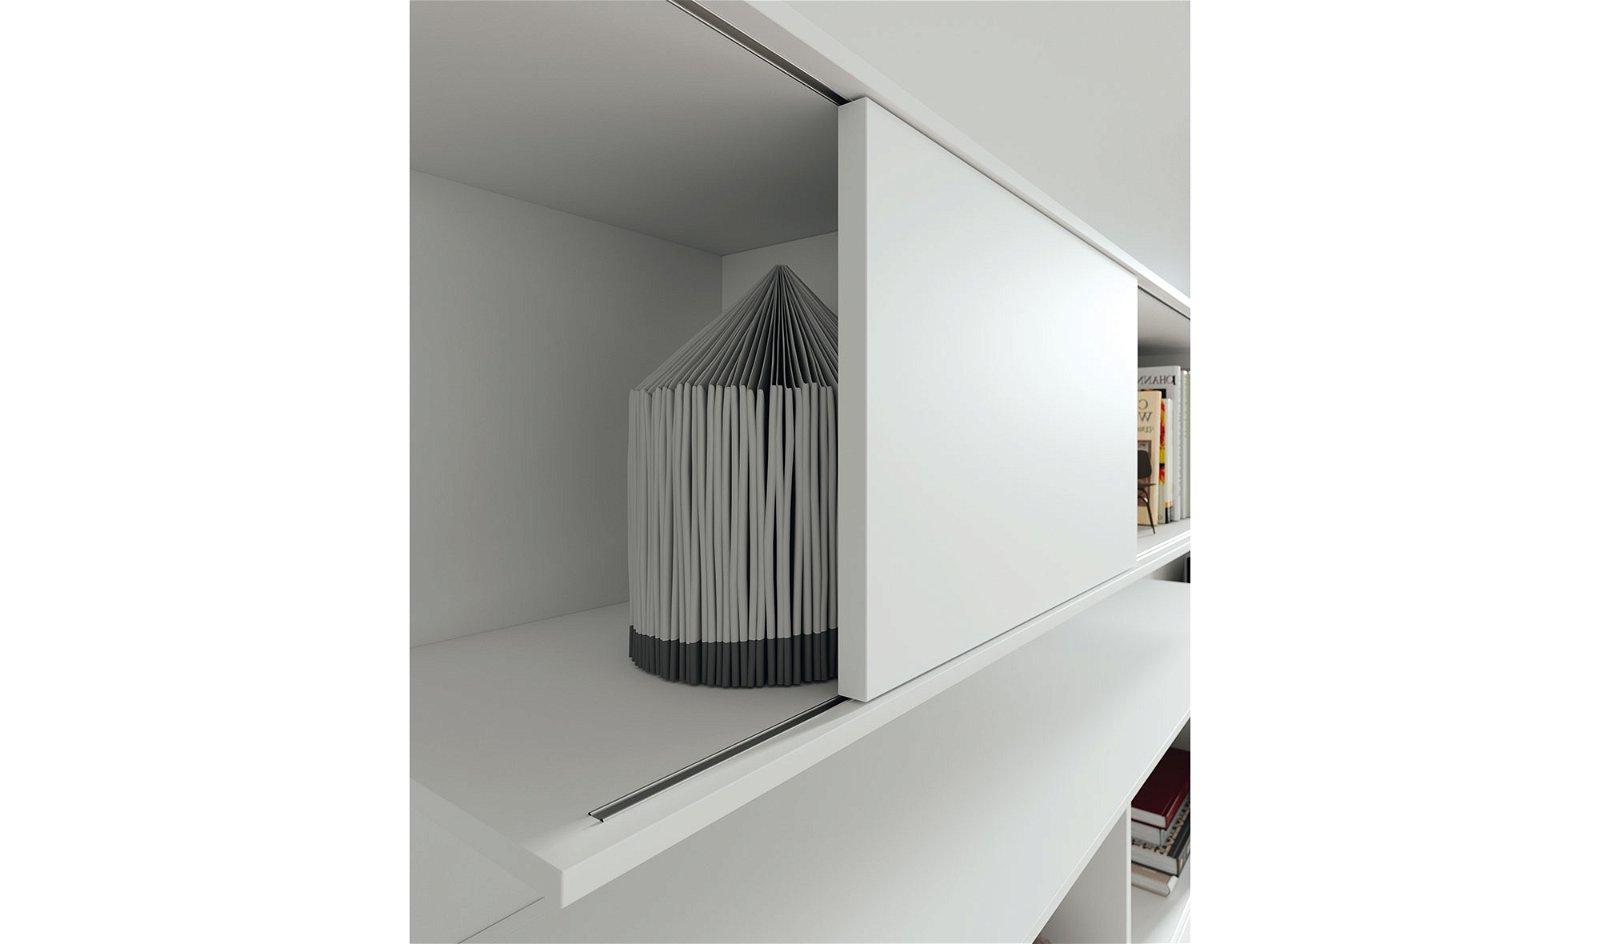 Mueble tv blanco lacado Hiromi